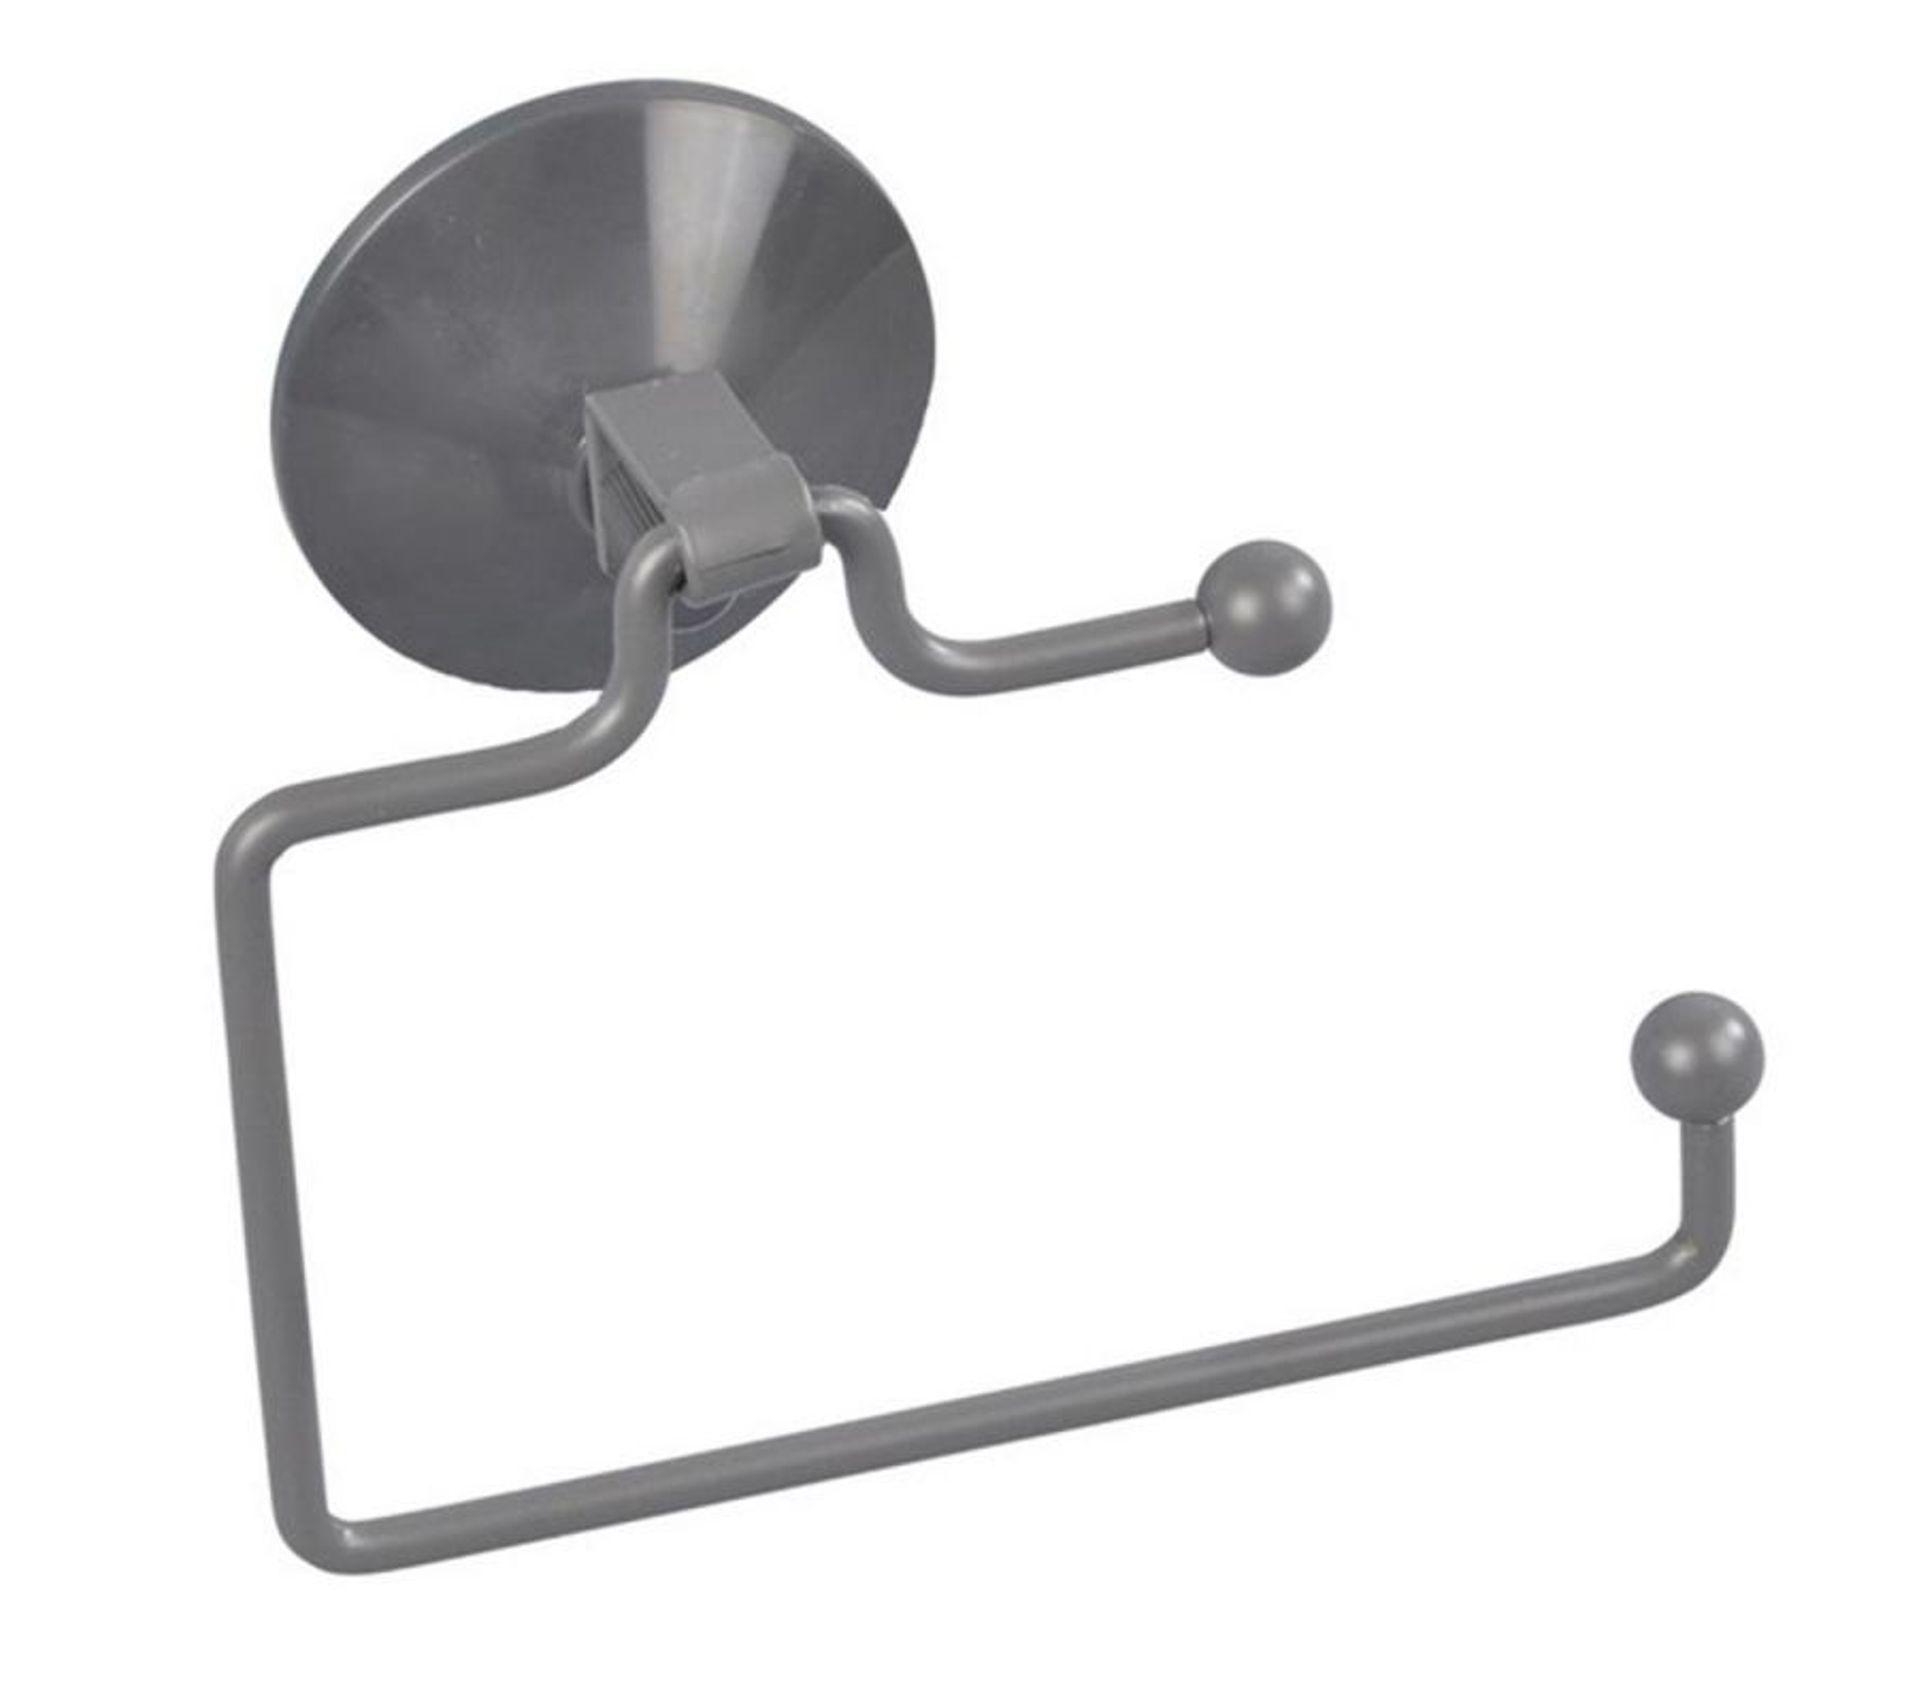 Dérouleur Papier Wc Metal dérouleur papier toilette À ventouse forte et métal